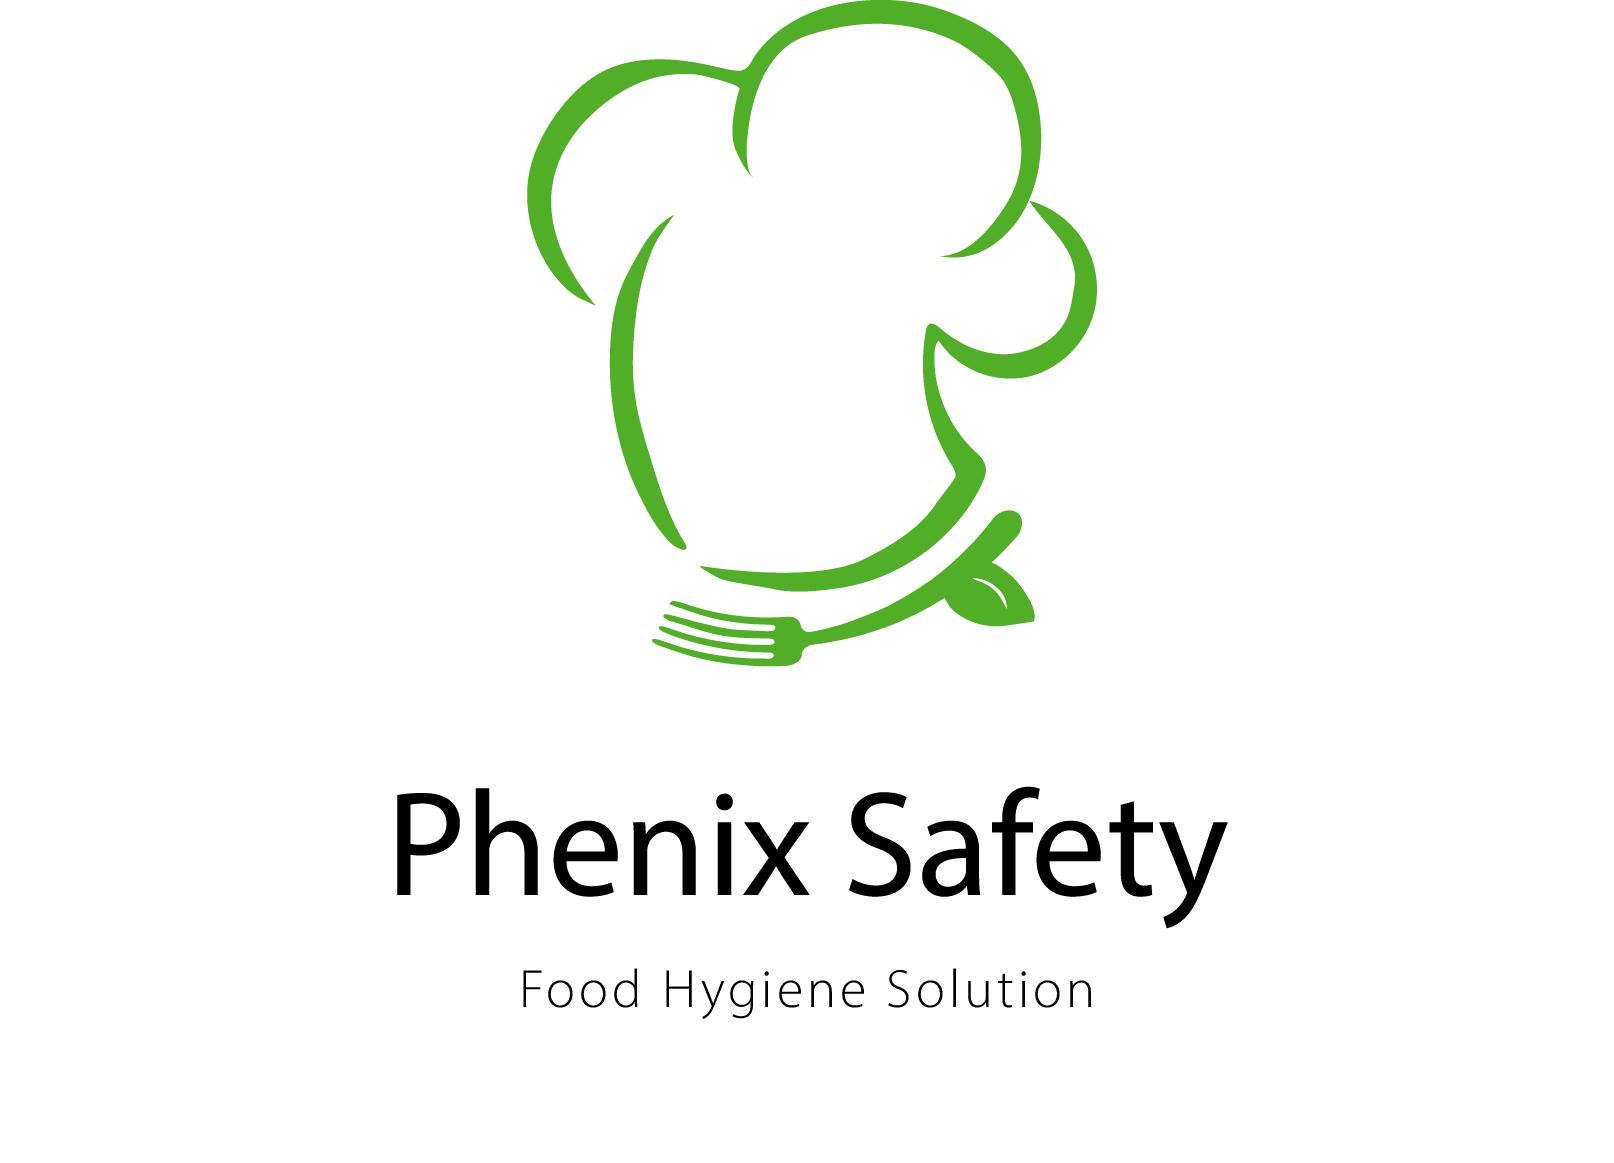 Phenix Safety